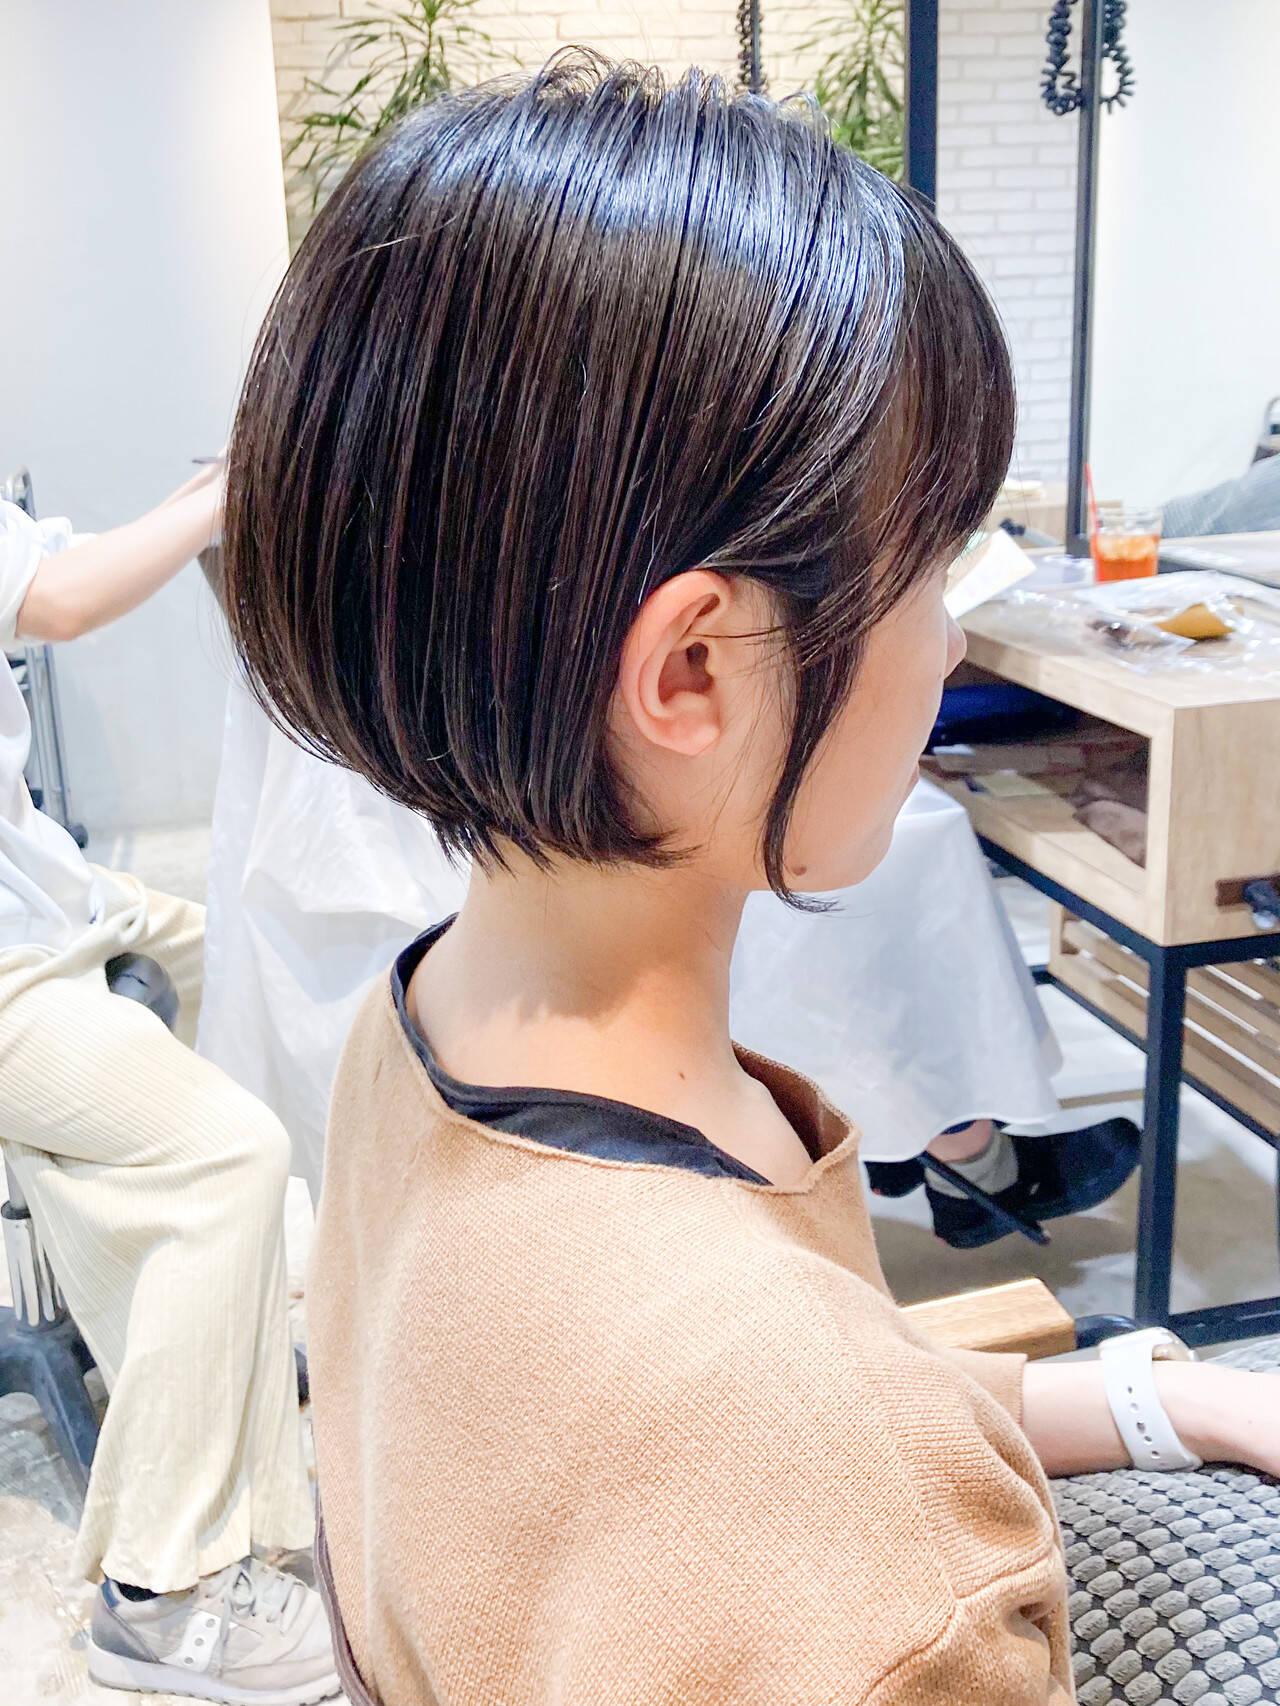 鎖骨ミディアム レイヤーヘアー ゆるふわ ミニボブヘアスタイルや髪型の写真・画像